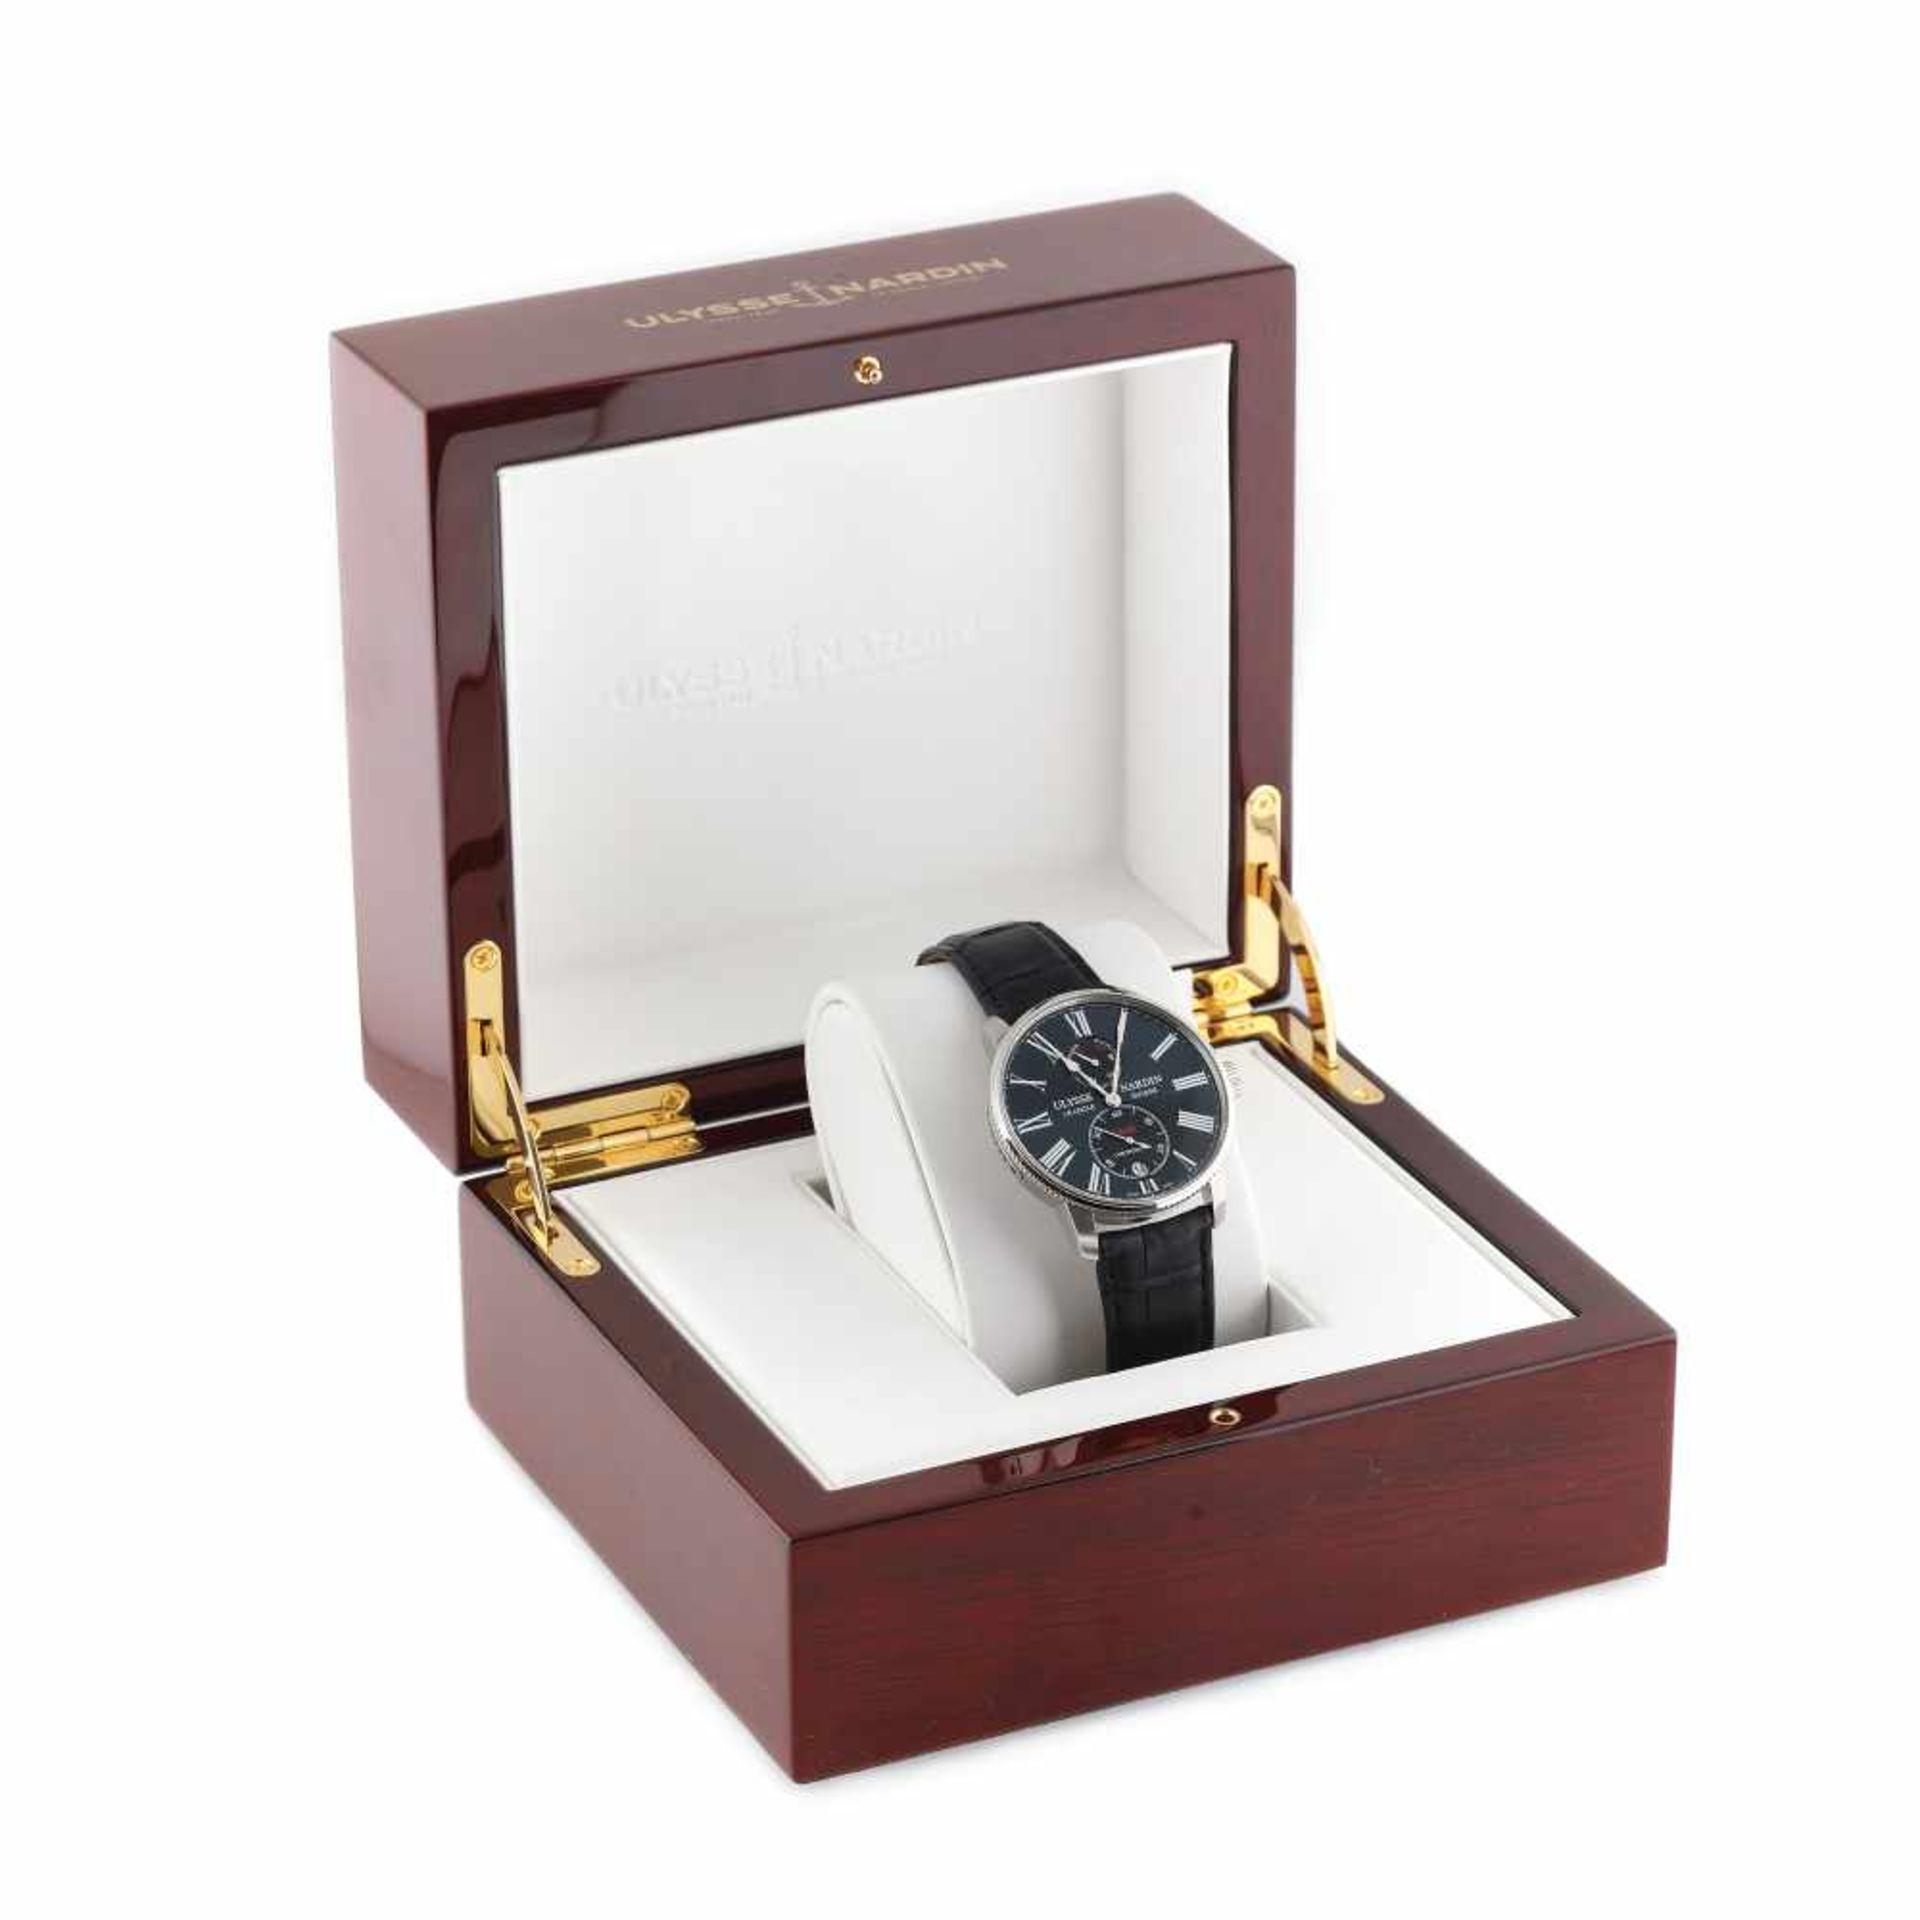 Ulysse Nardin Marine Torpilleur wristwatch, men, original box and authenticity documents - Bild 2 aus 5